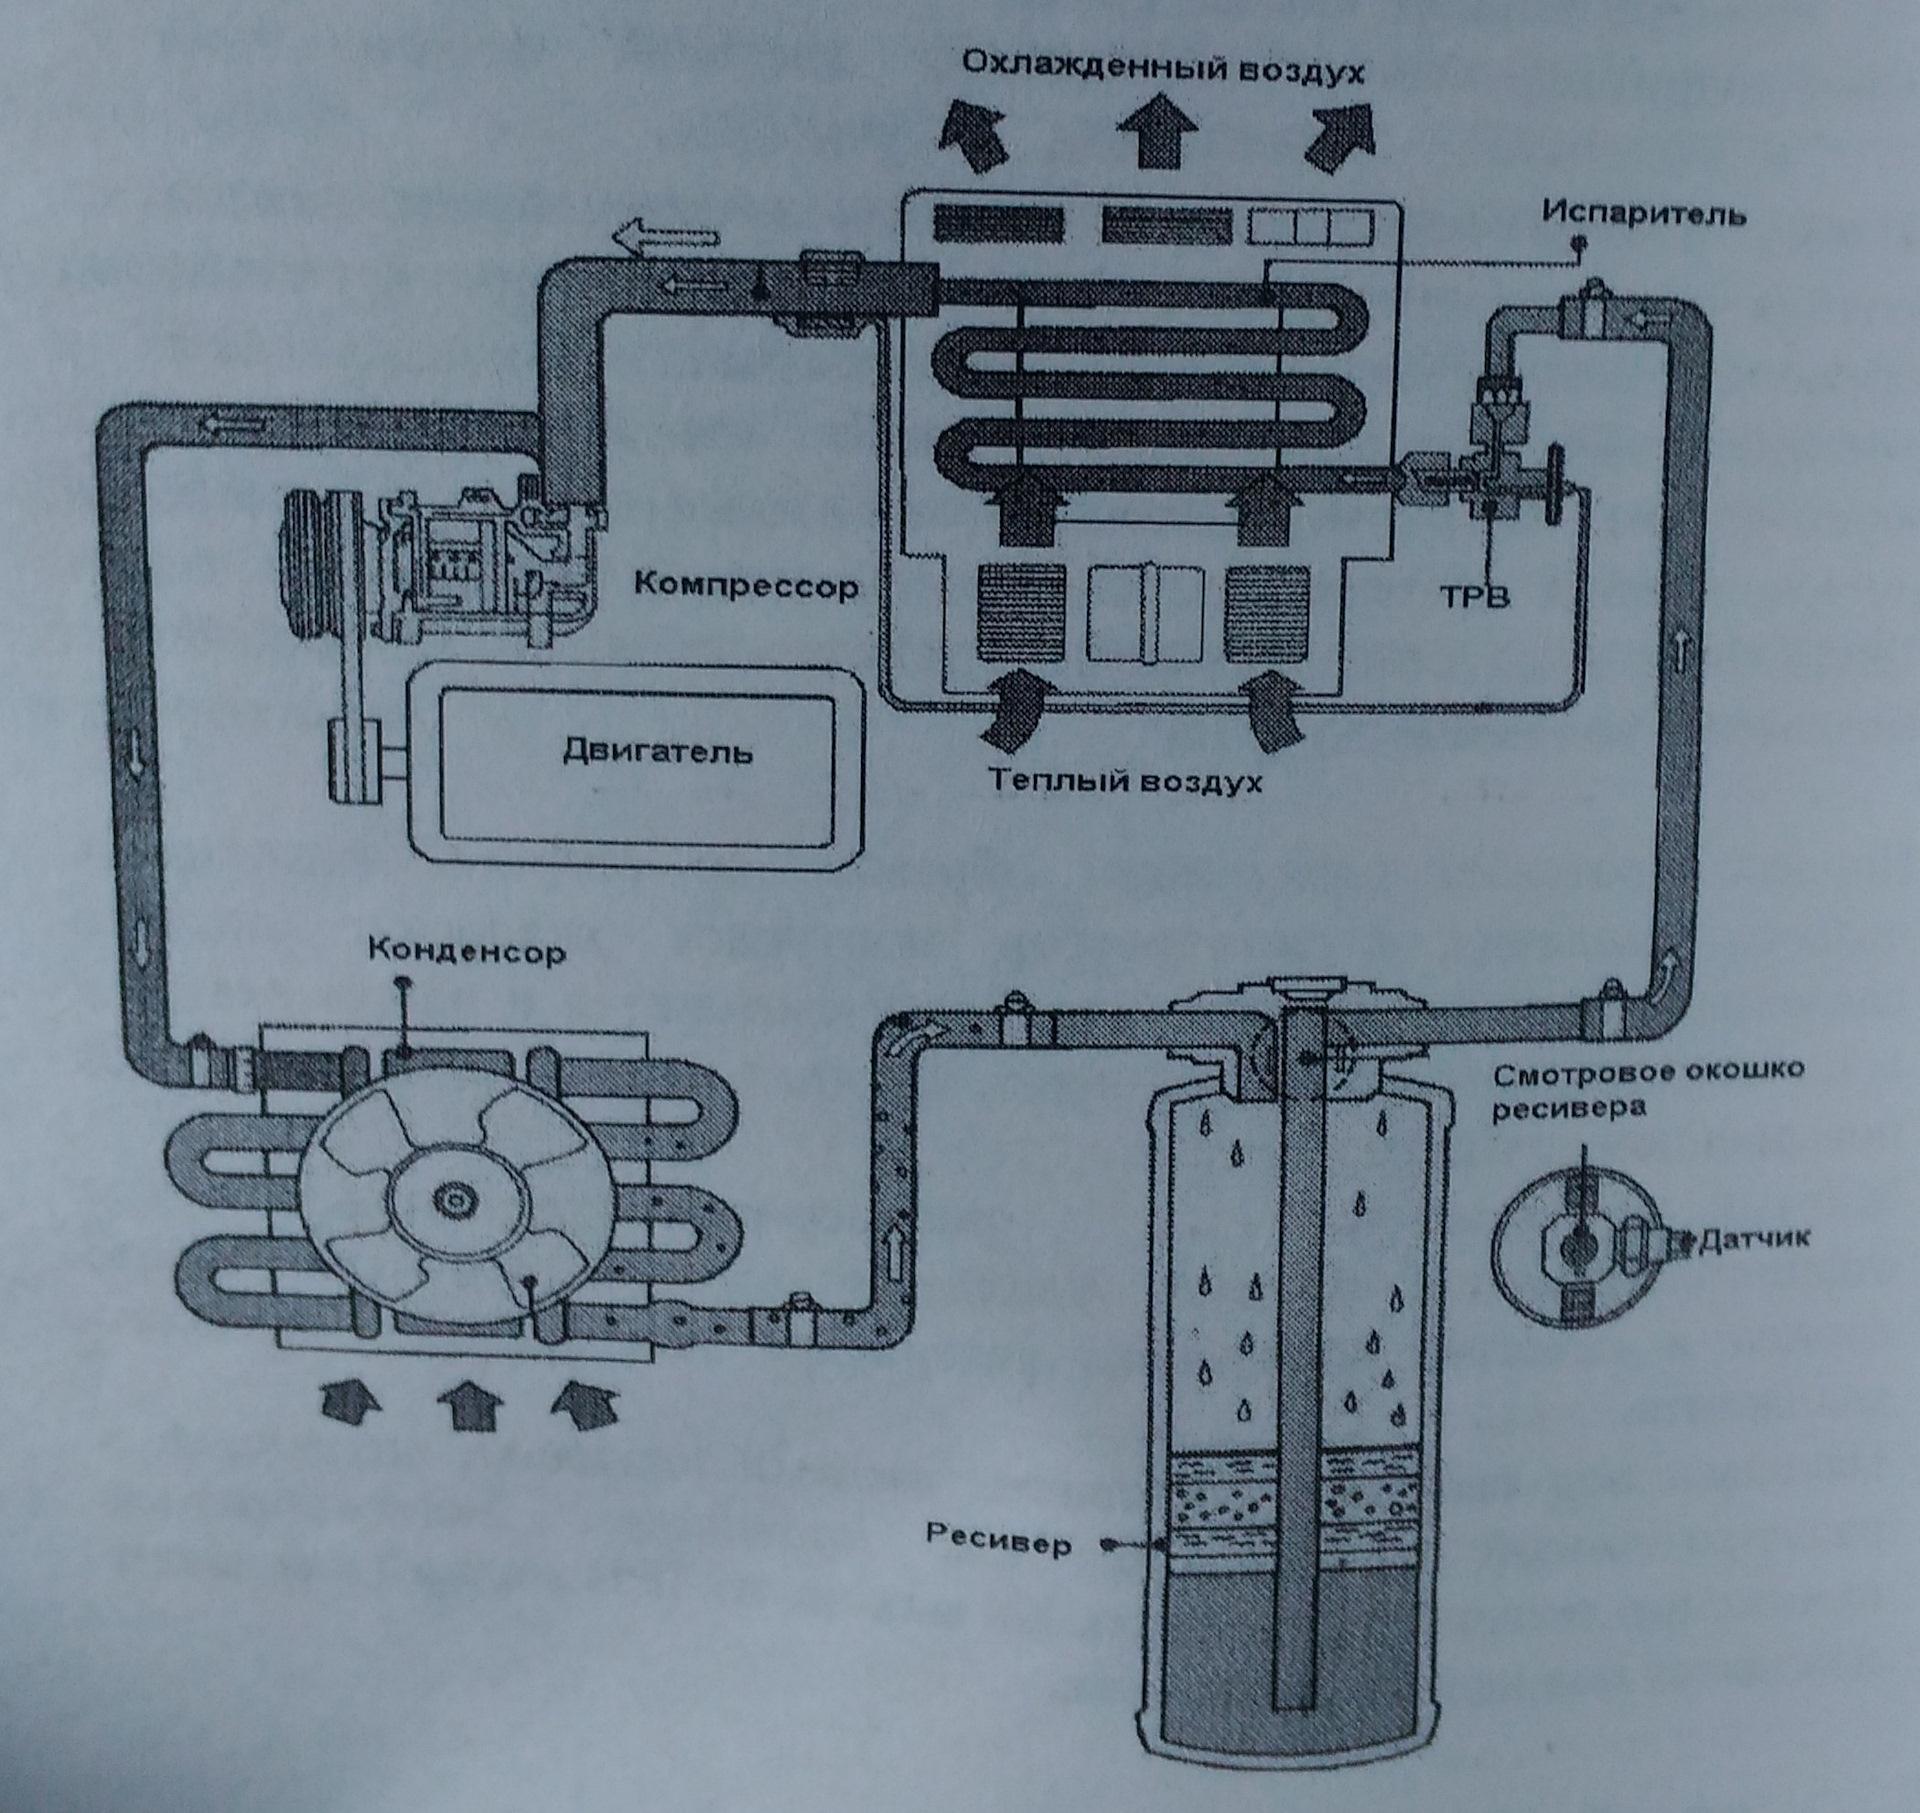 Установка кондиционера на соболя фирмы по установке кондиционеров смоленск